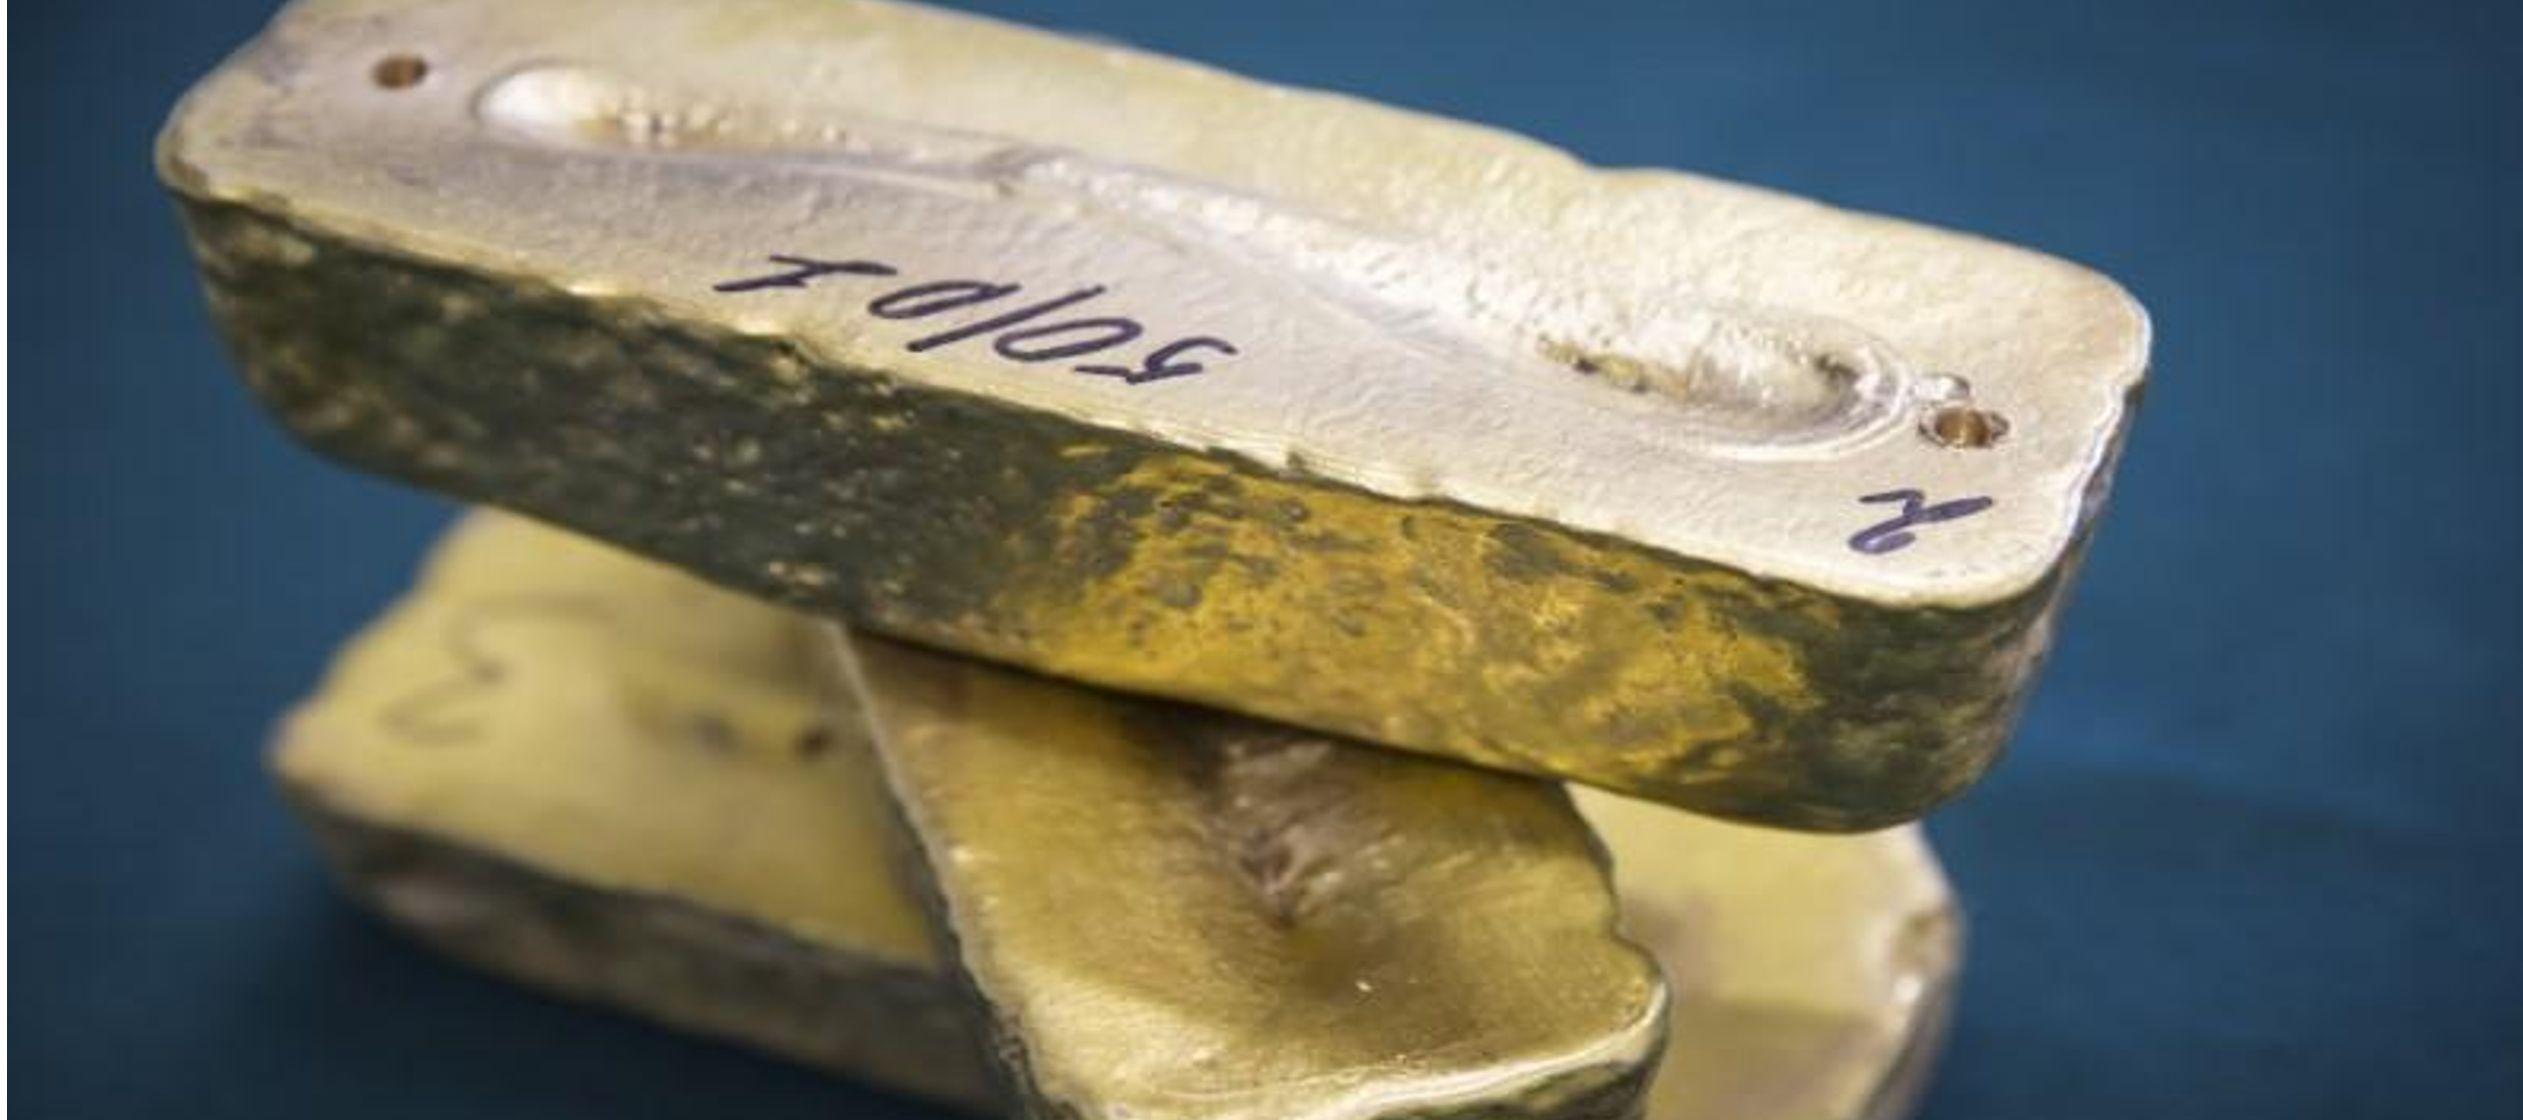 Los futuros del oro para entrega en diciembre en Estados Unidos cerraron con una caída de...